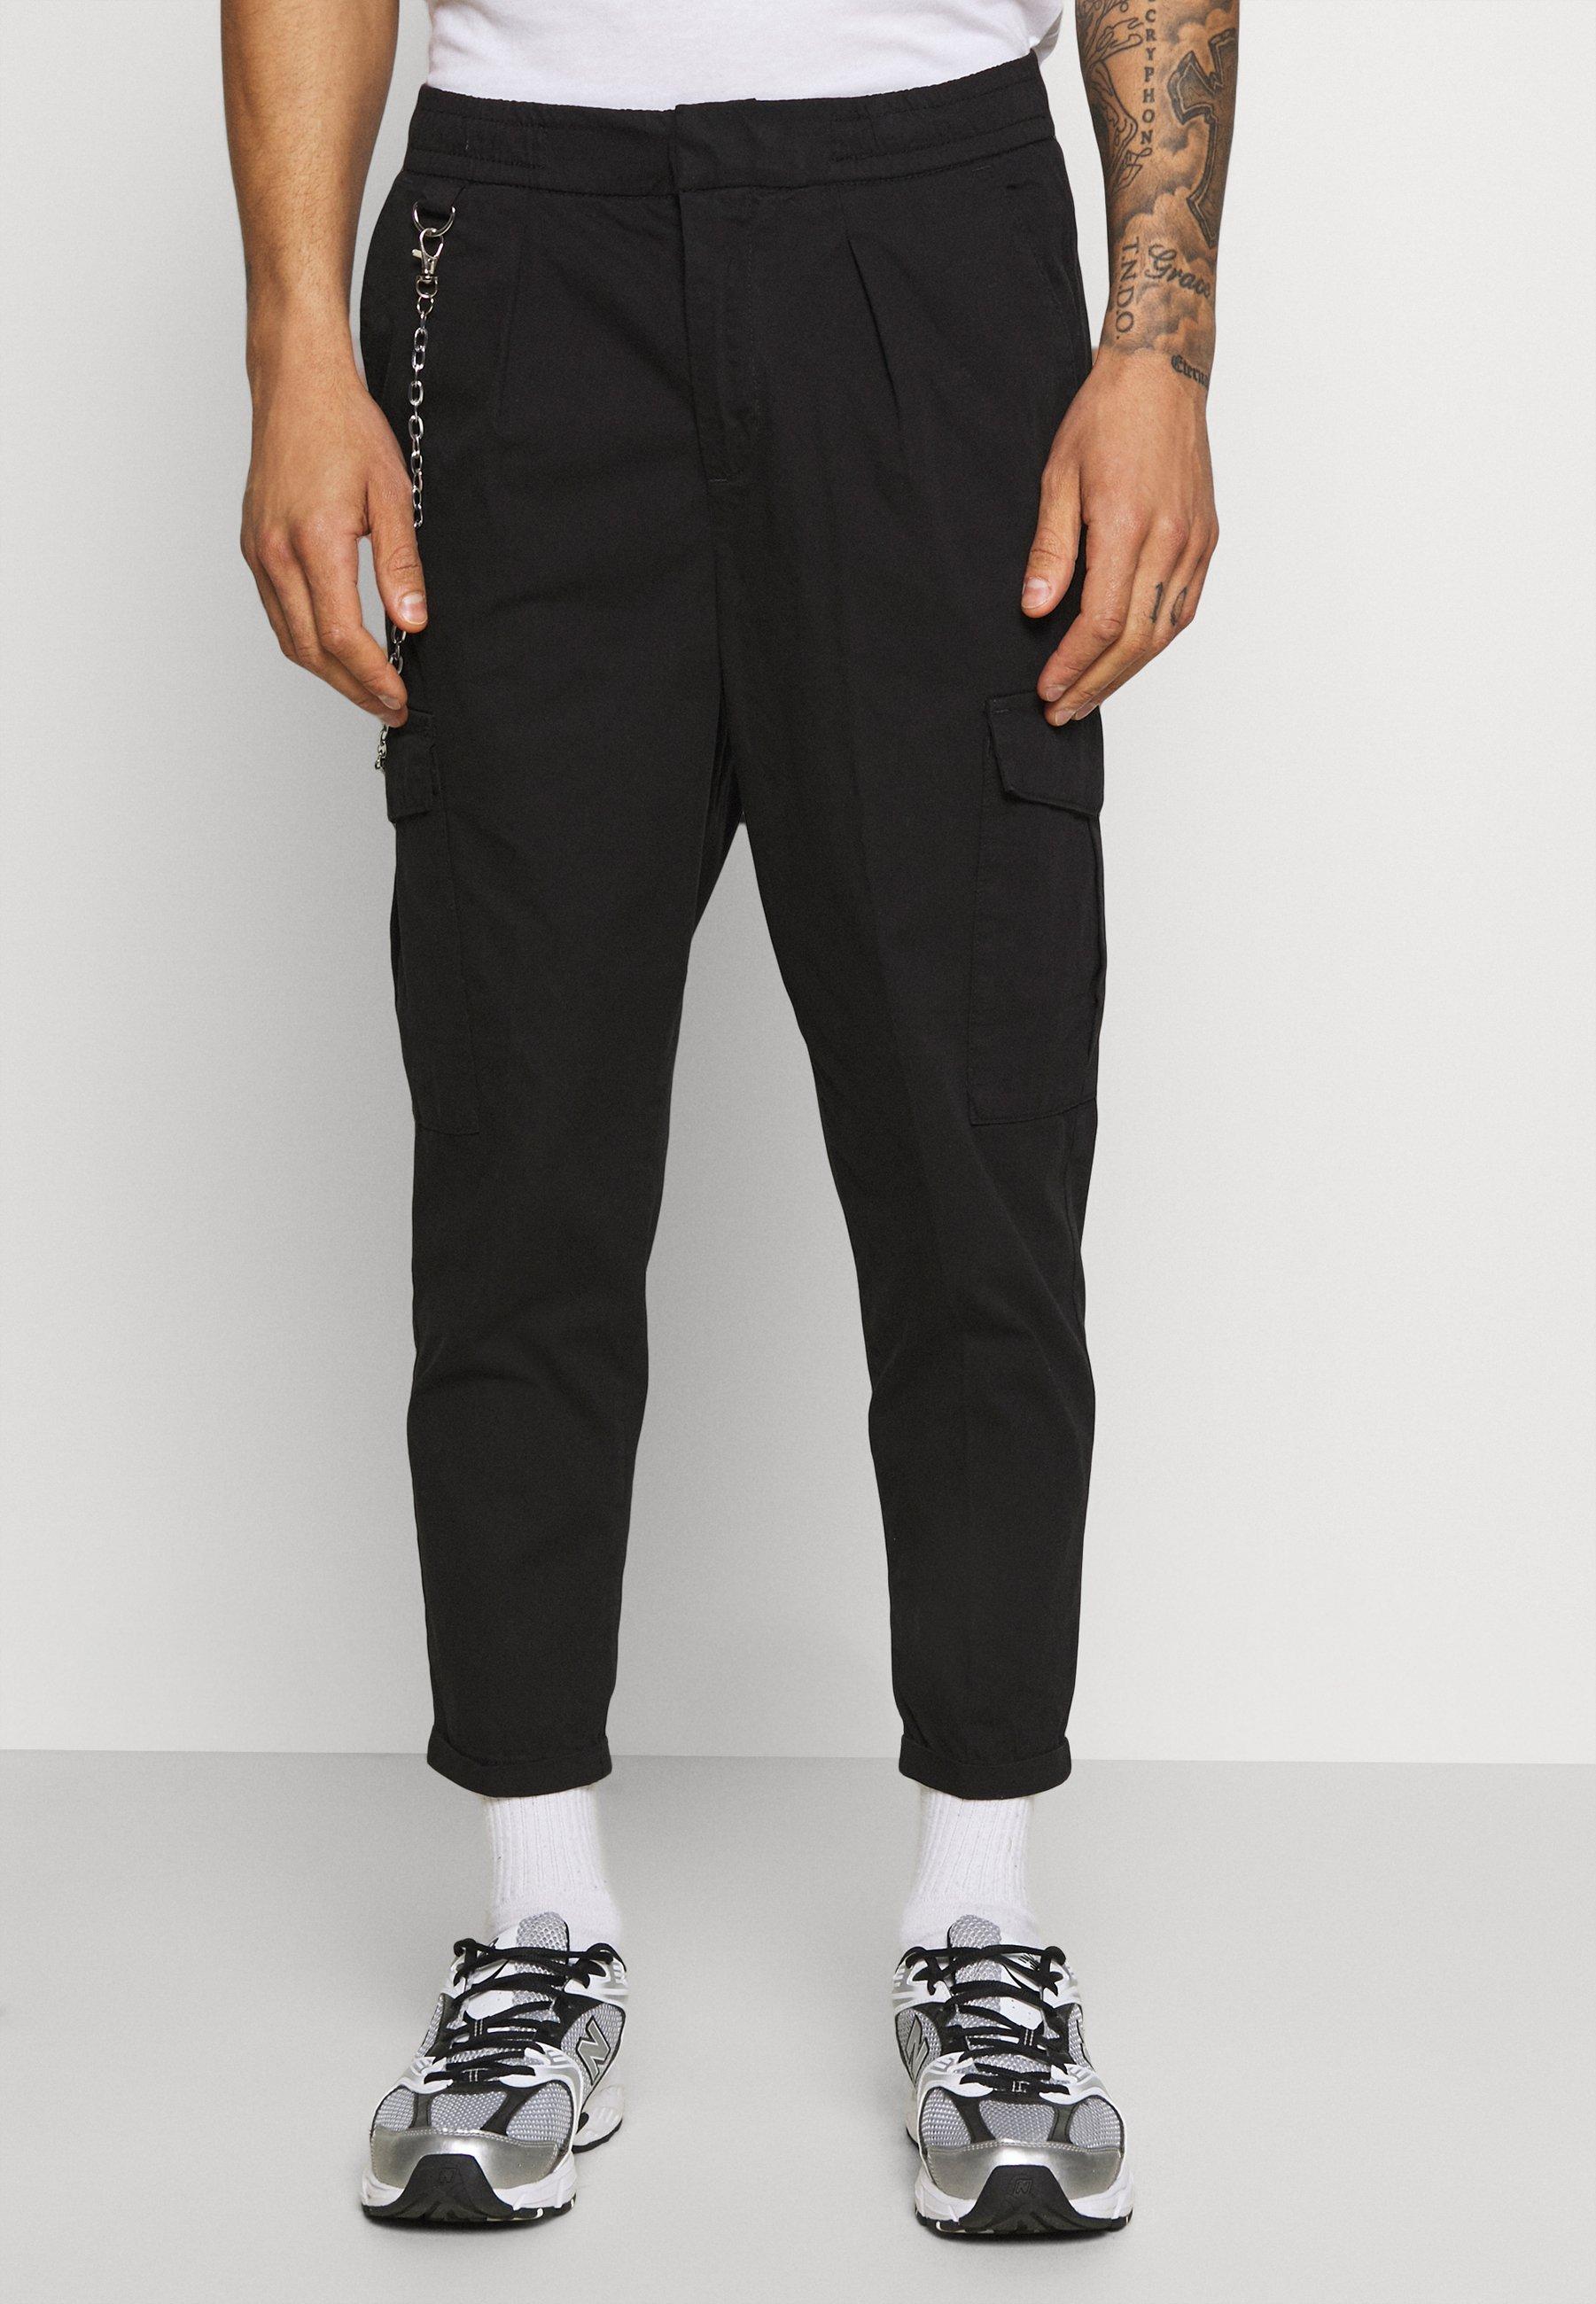 Homme HARVEY PANTS - Pantalon cargo